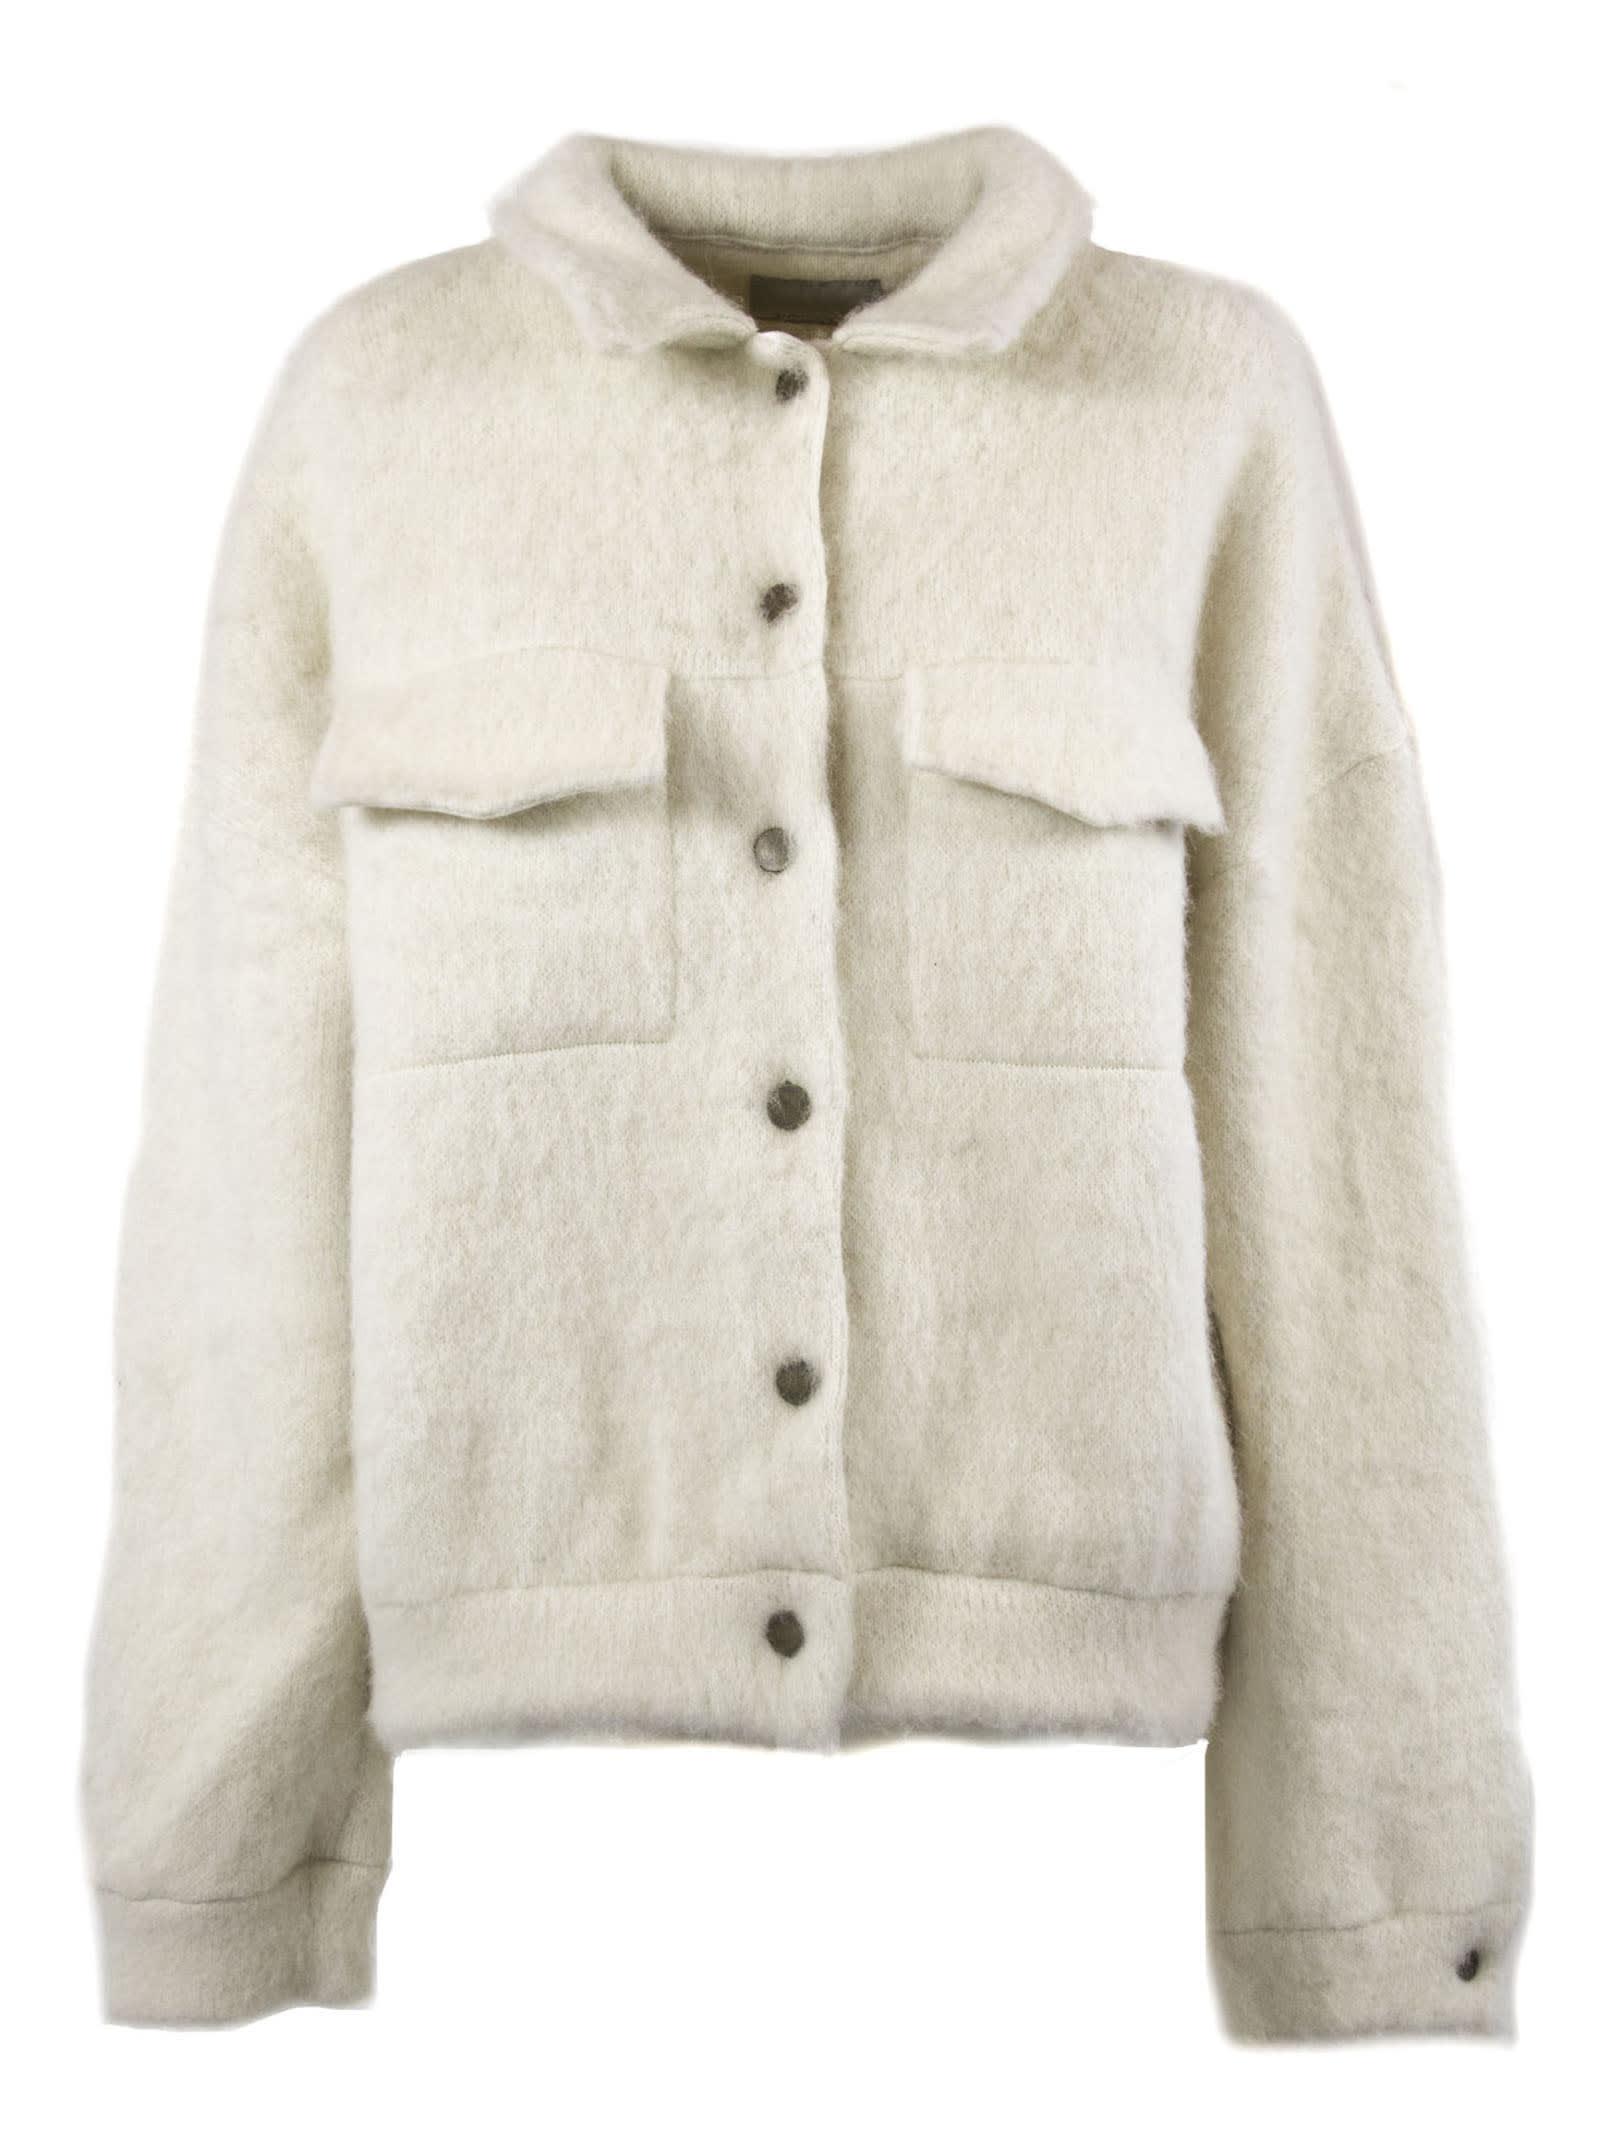 Laneus White Alpaca Jacket